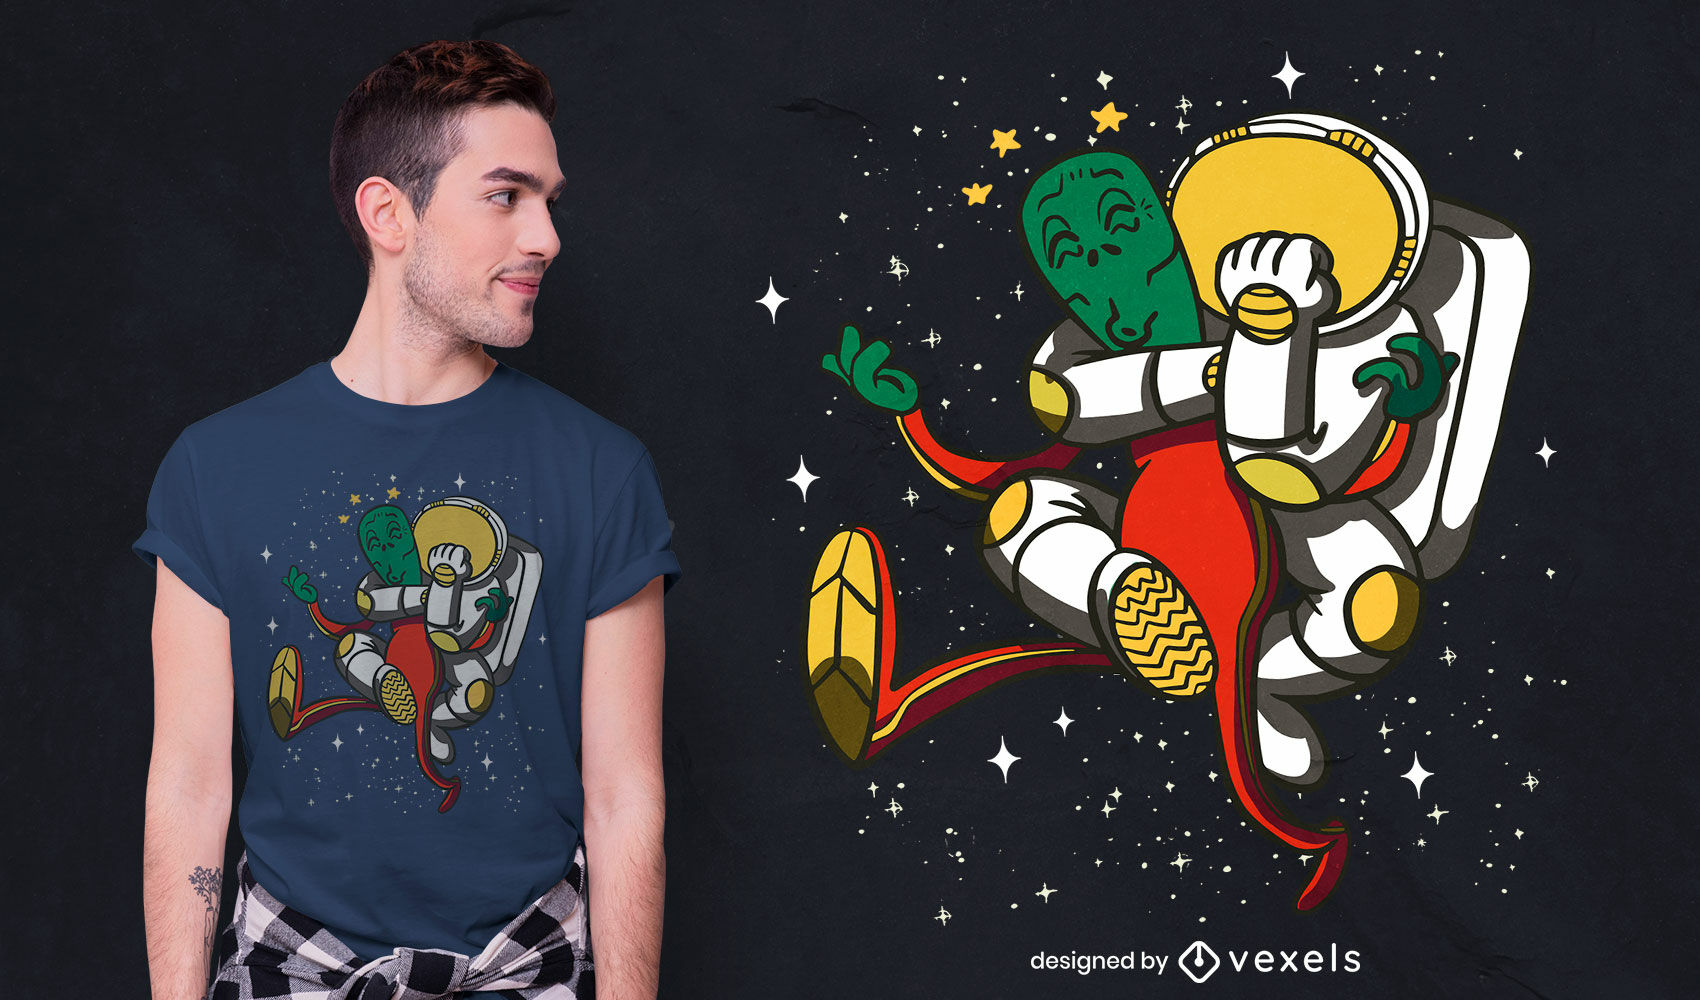 Diseño de camiseta de dibujos animados de astronauta luchando alienígena